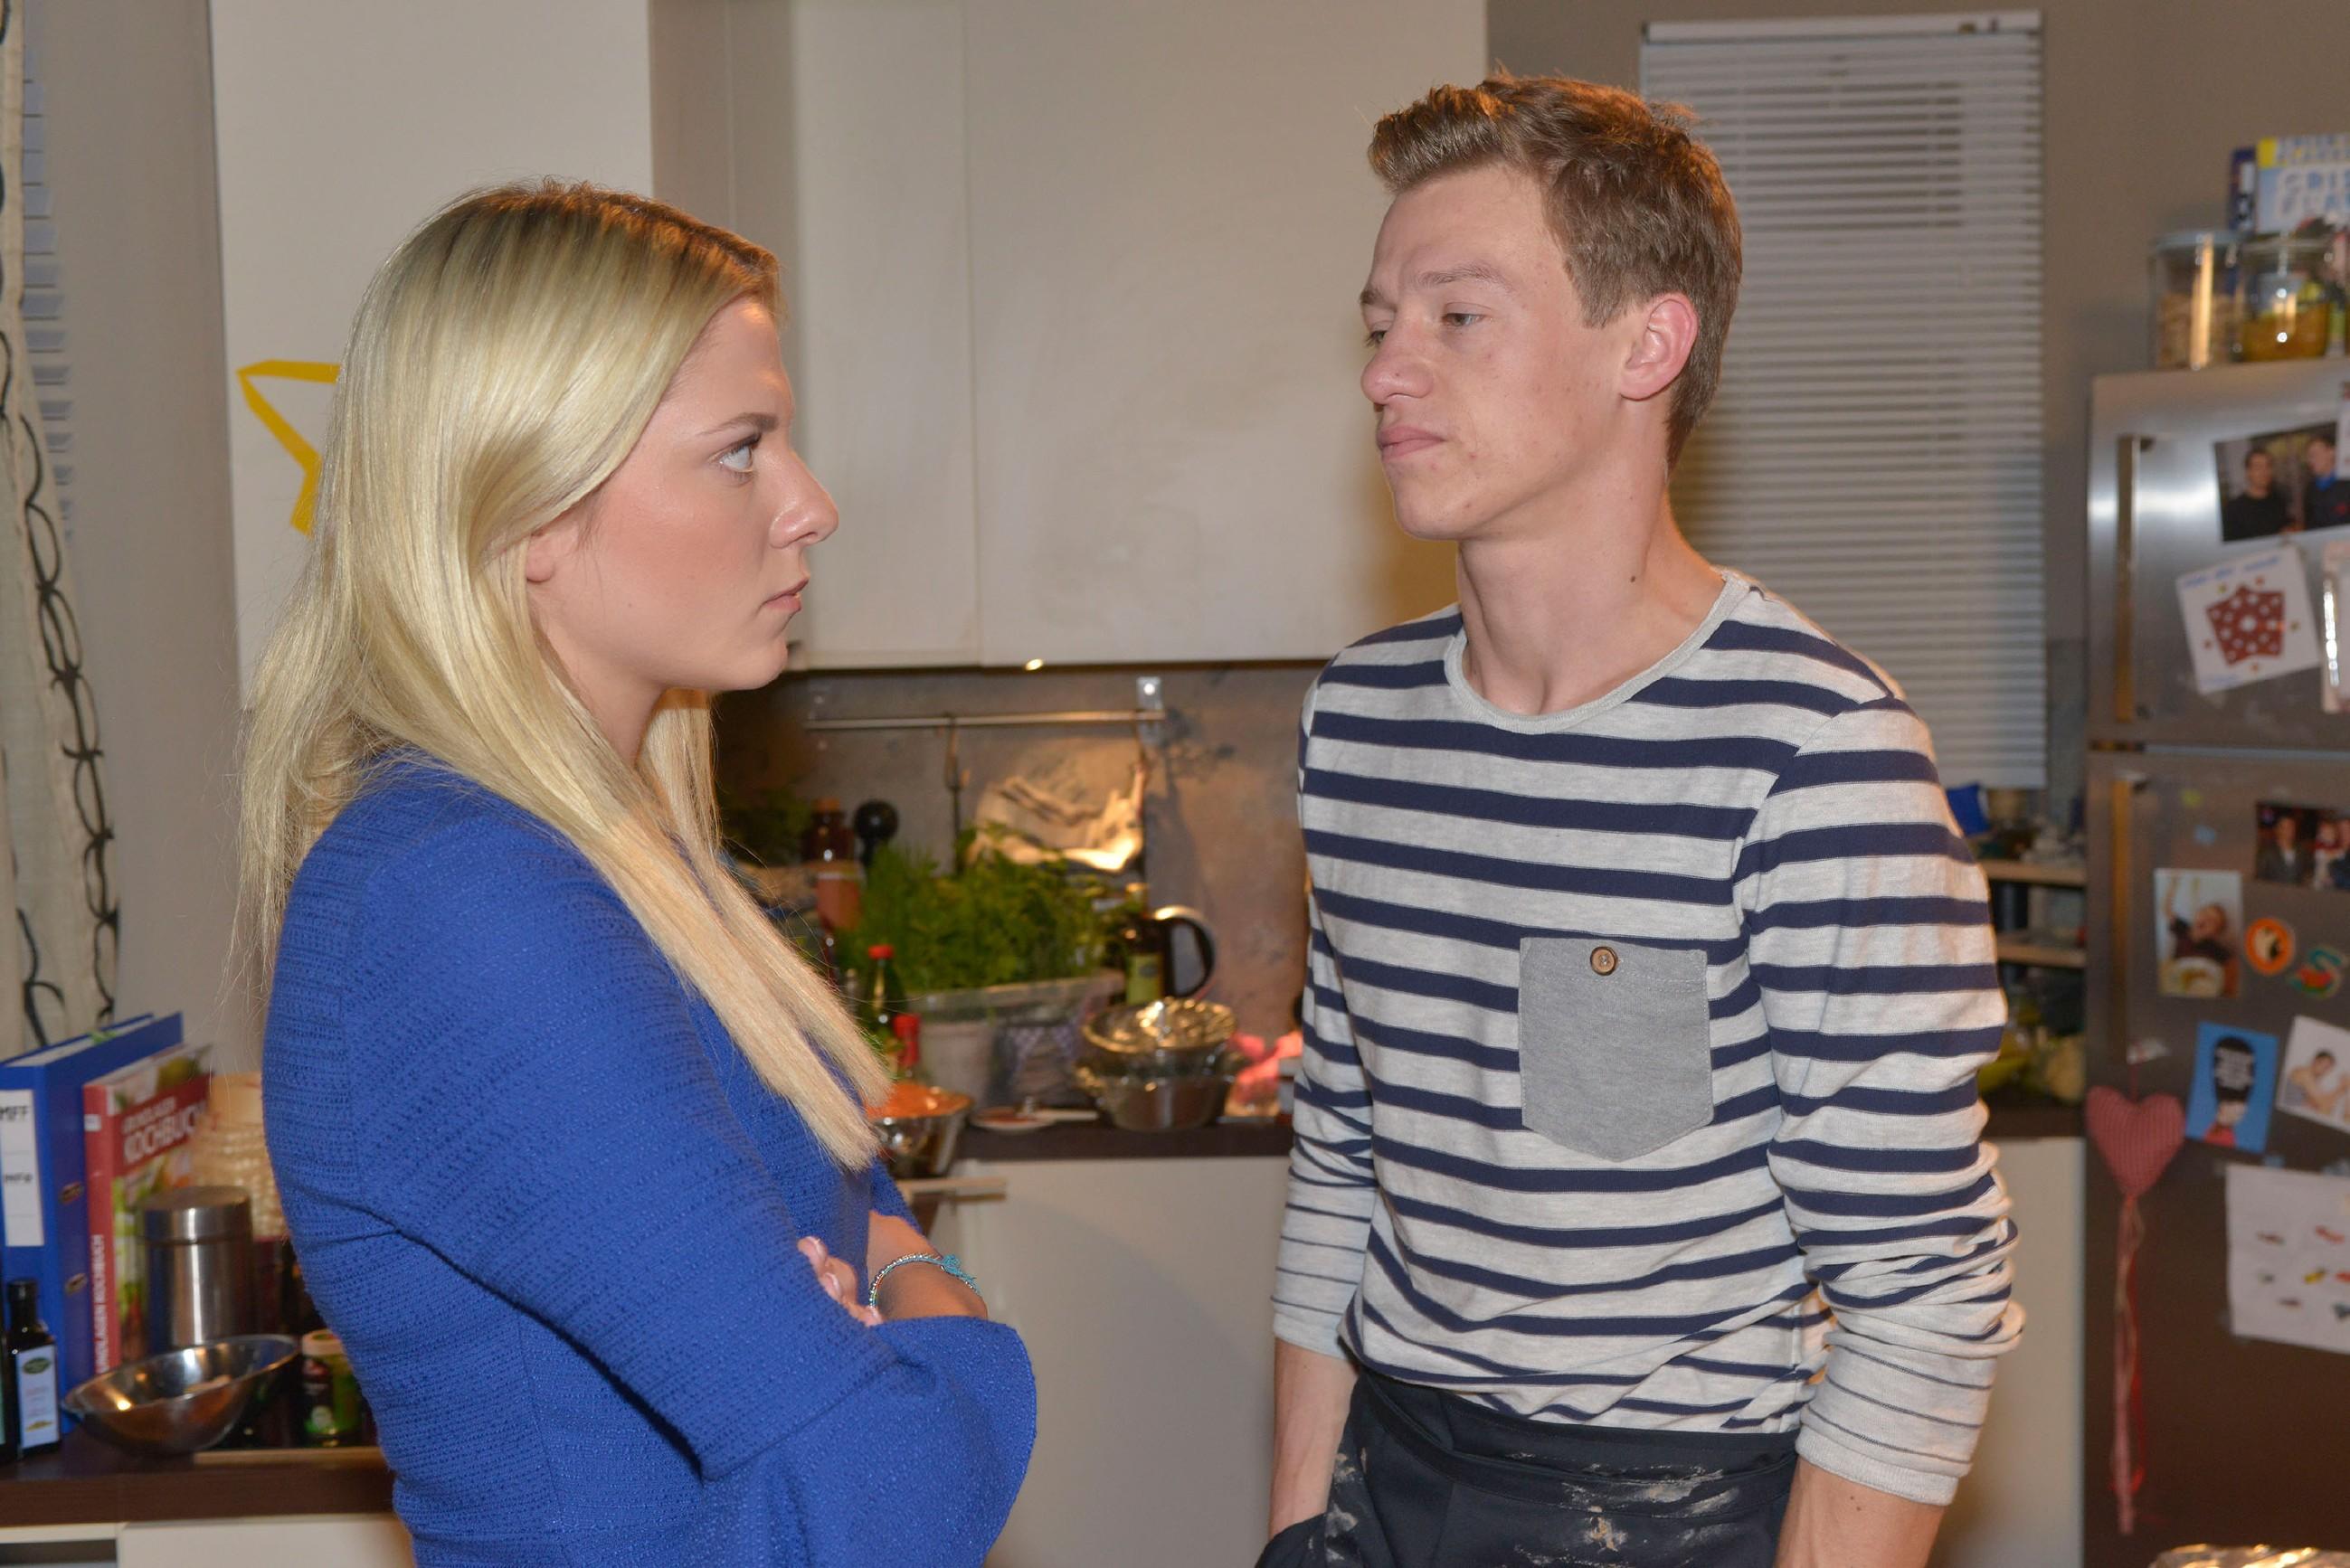 Sunny (Valentina Pahde) und Vince (Vincent Krüger) geraten über ihre jeweiligen Verpflichtungen in Streit.